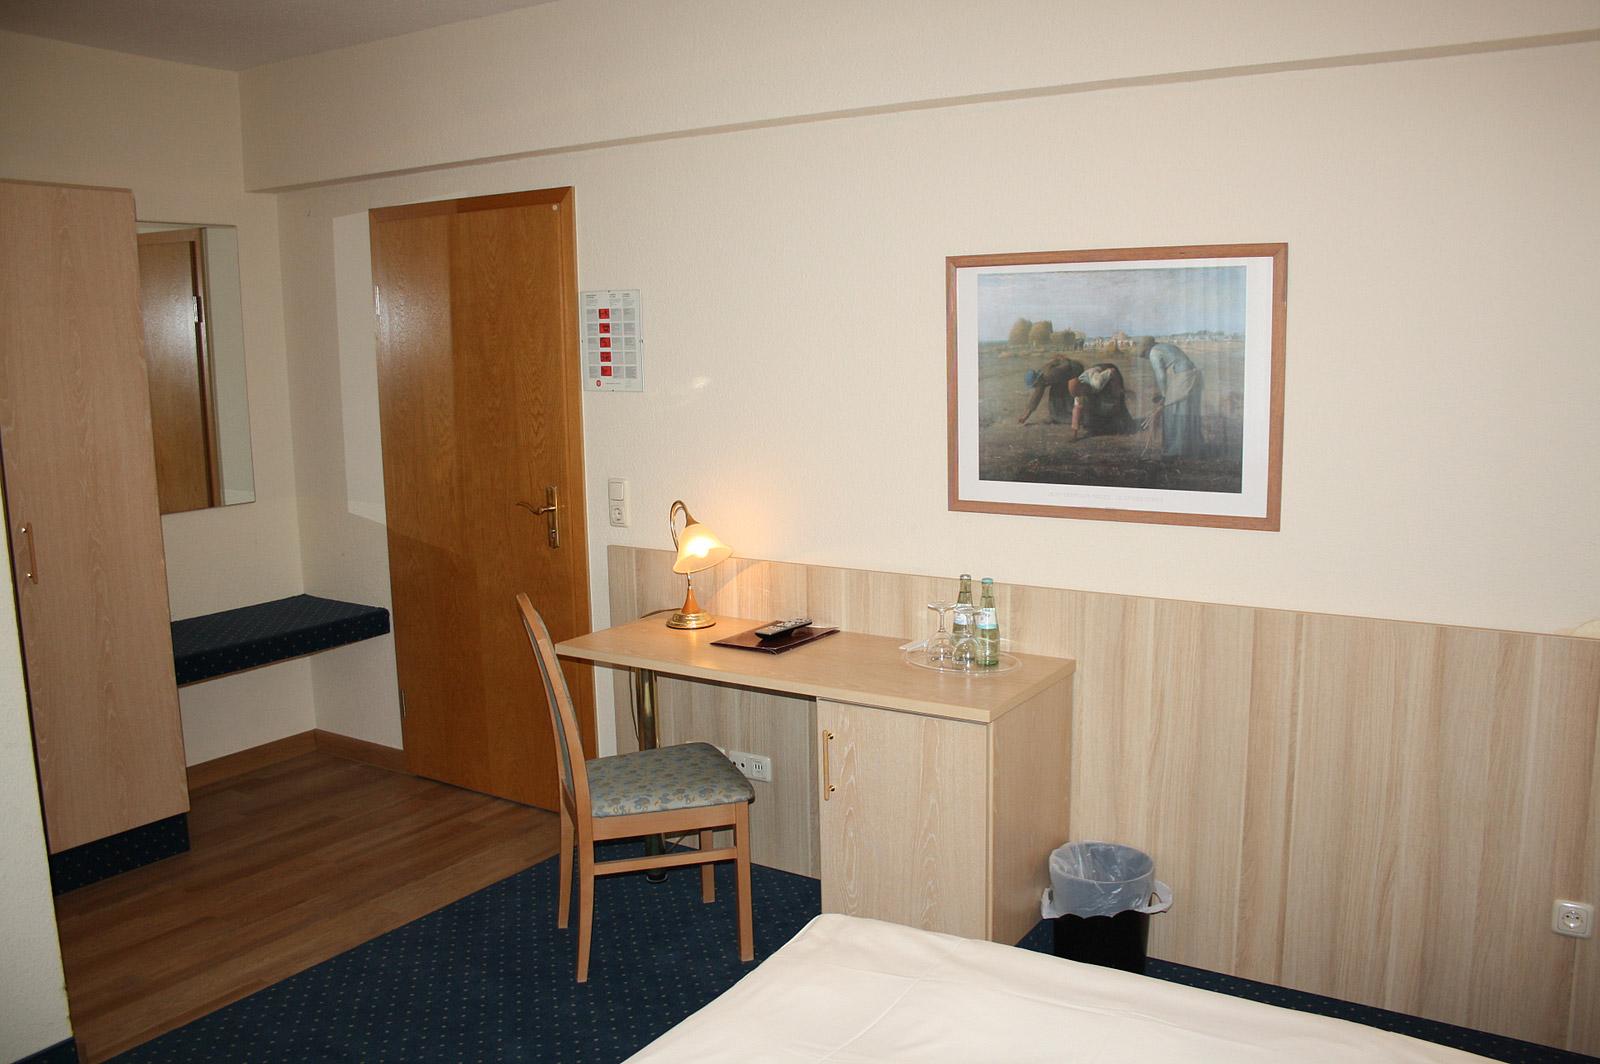 Hotel-zur-Waage-Zimmer-03